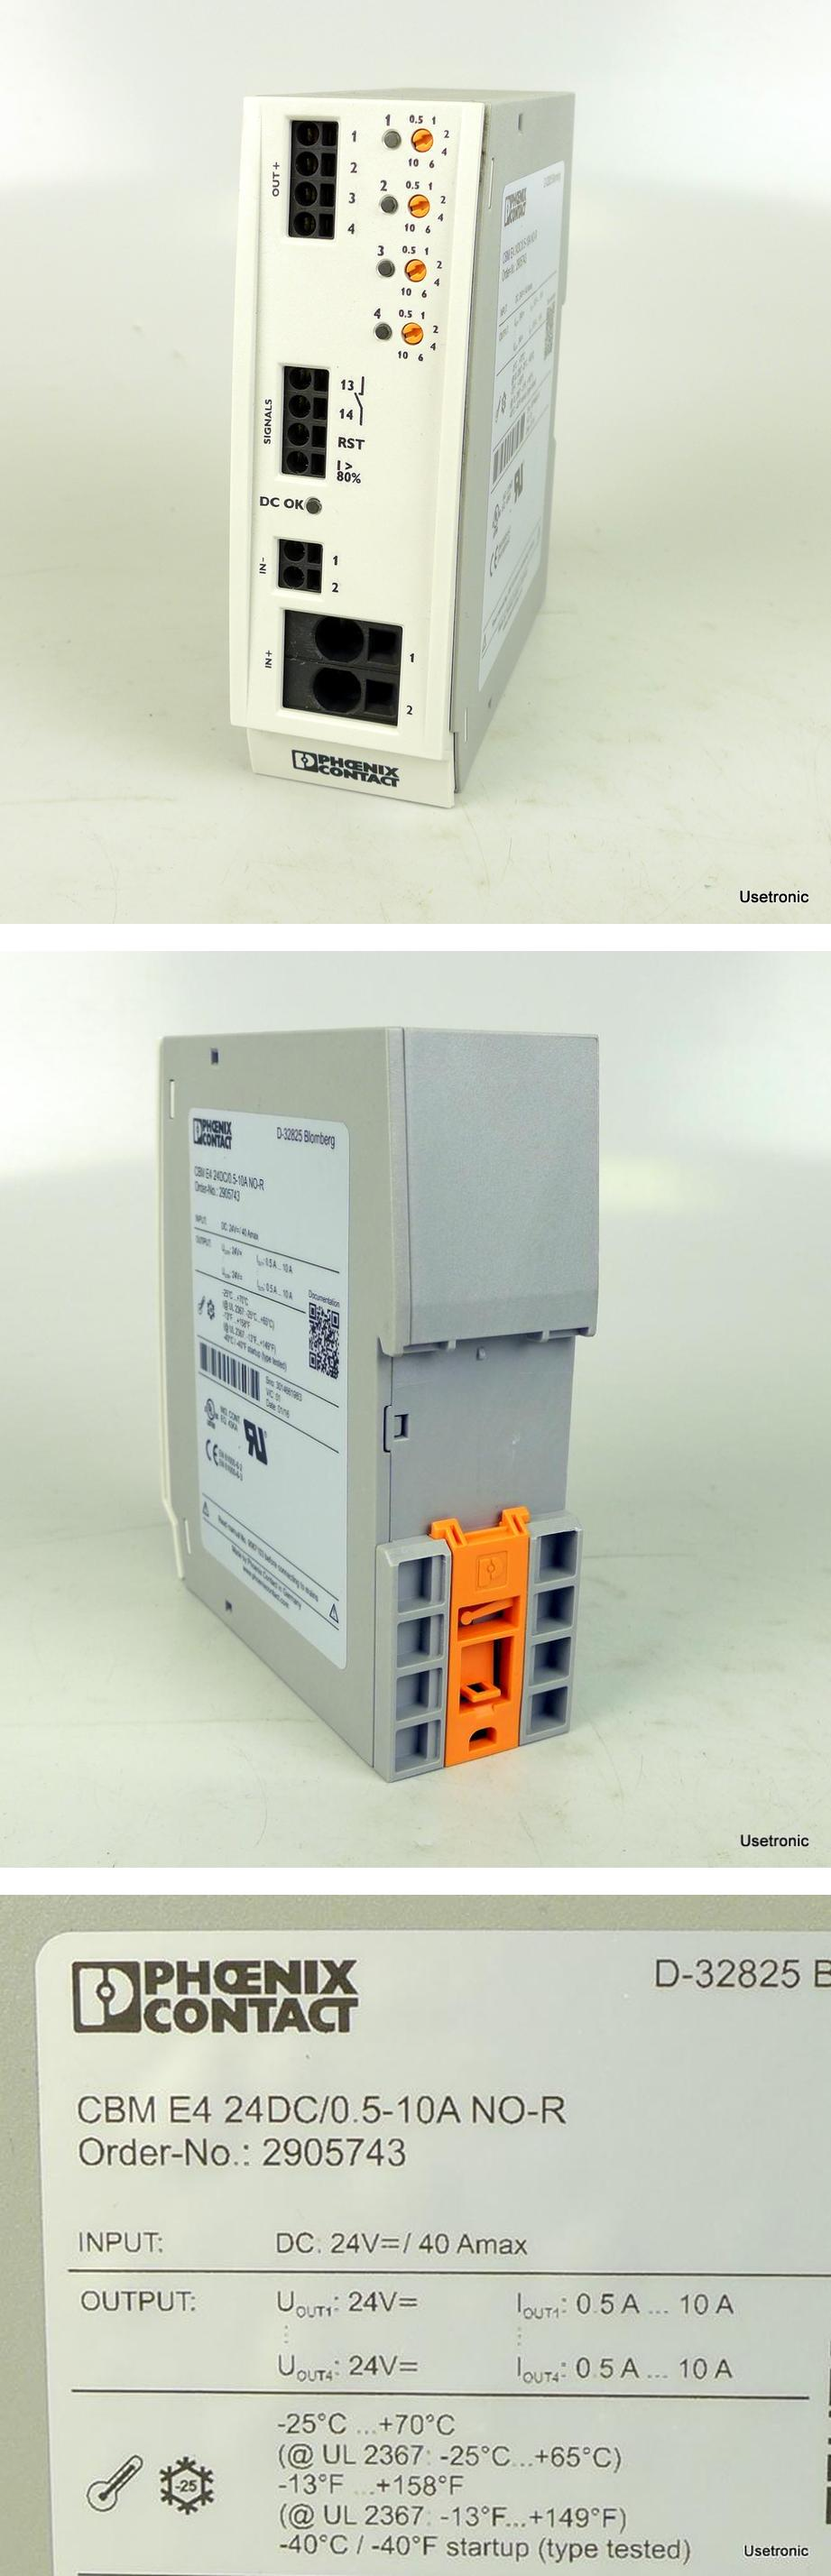 CBM E4 24DC/0.5-10A 2905743